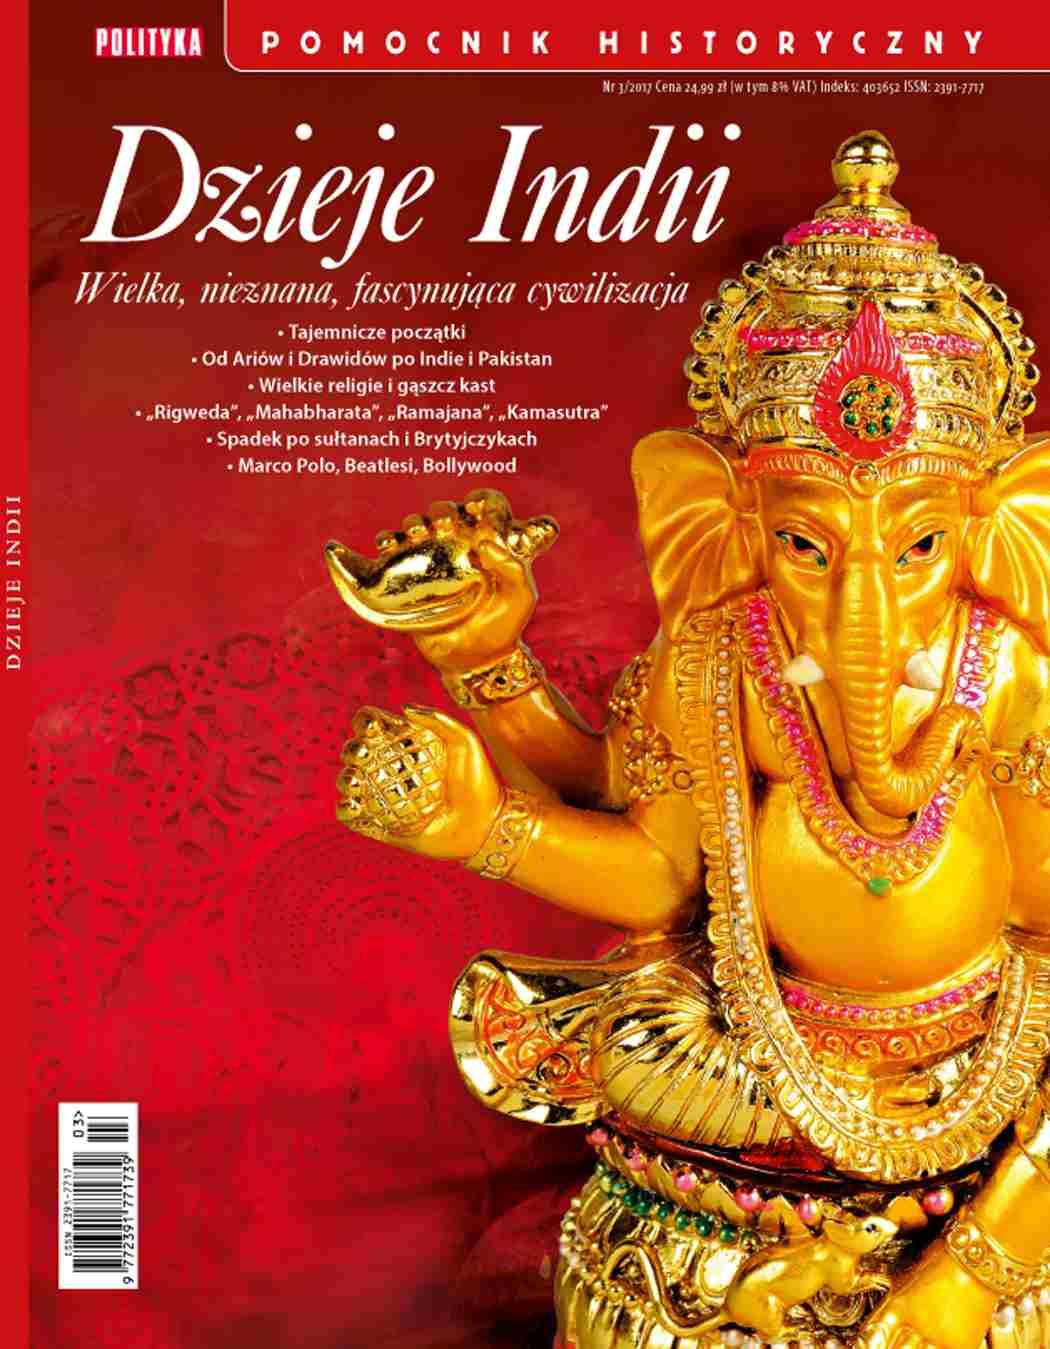 Pomocnik Historyczny. Dzieje Indii - Ebook (Książka PDF) do pobrania w formacie PDF